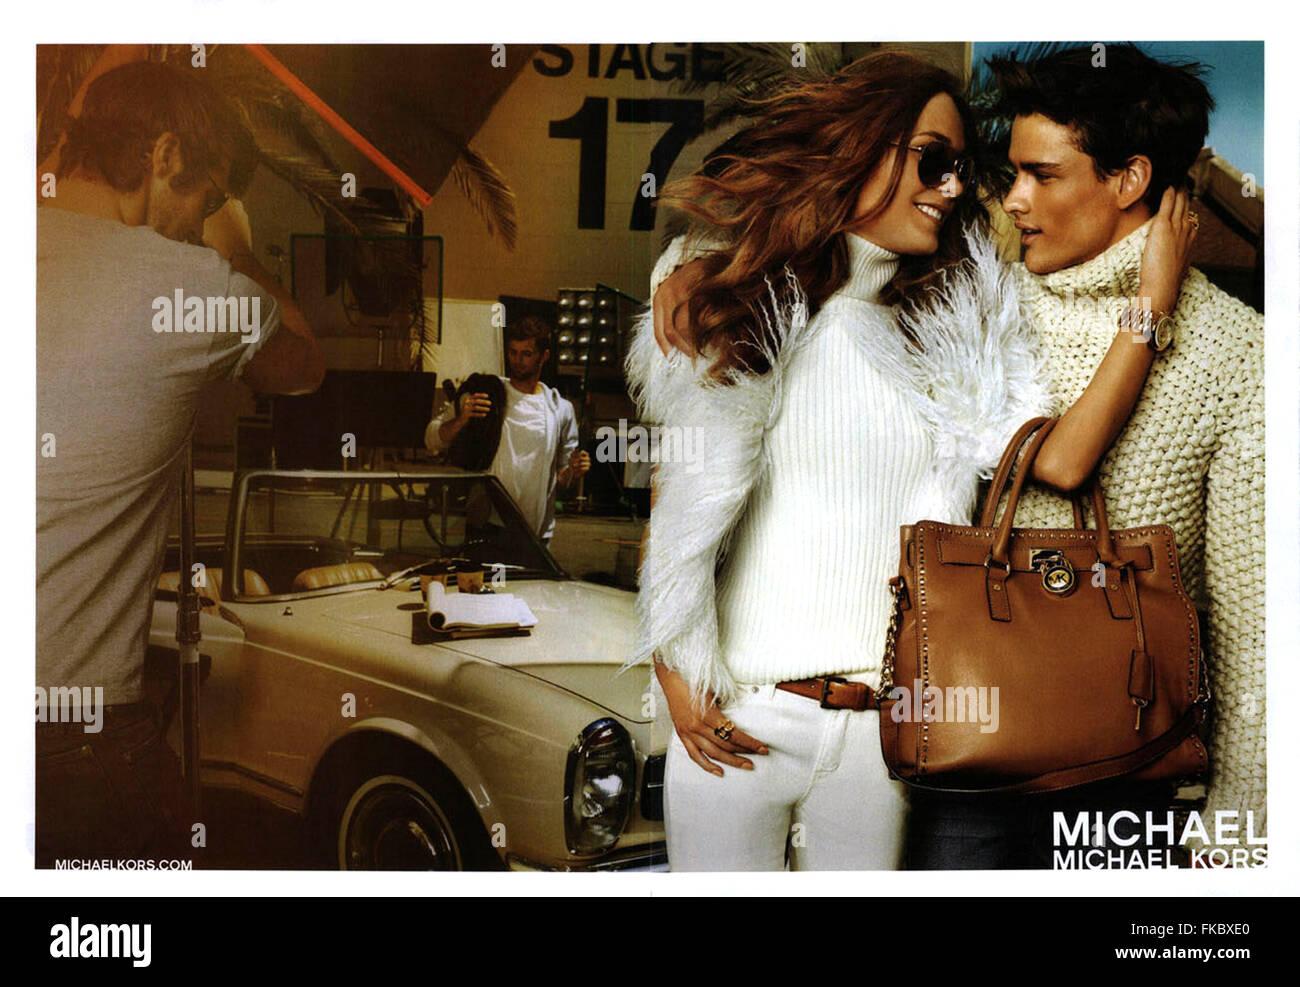 2010s USA Michael Kors Magazine Advert - Stock Image